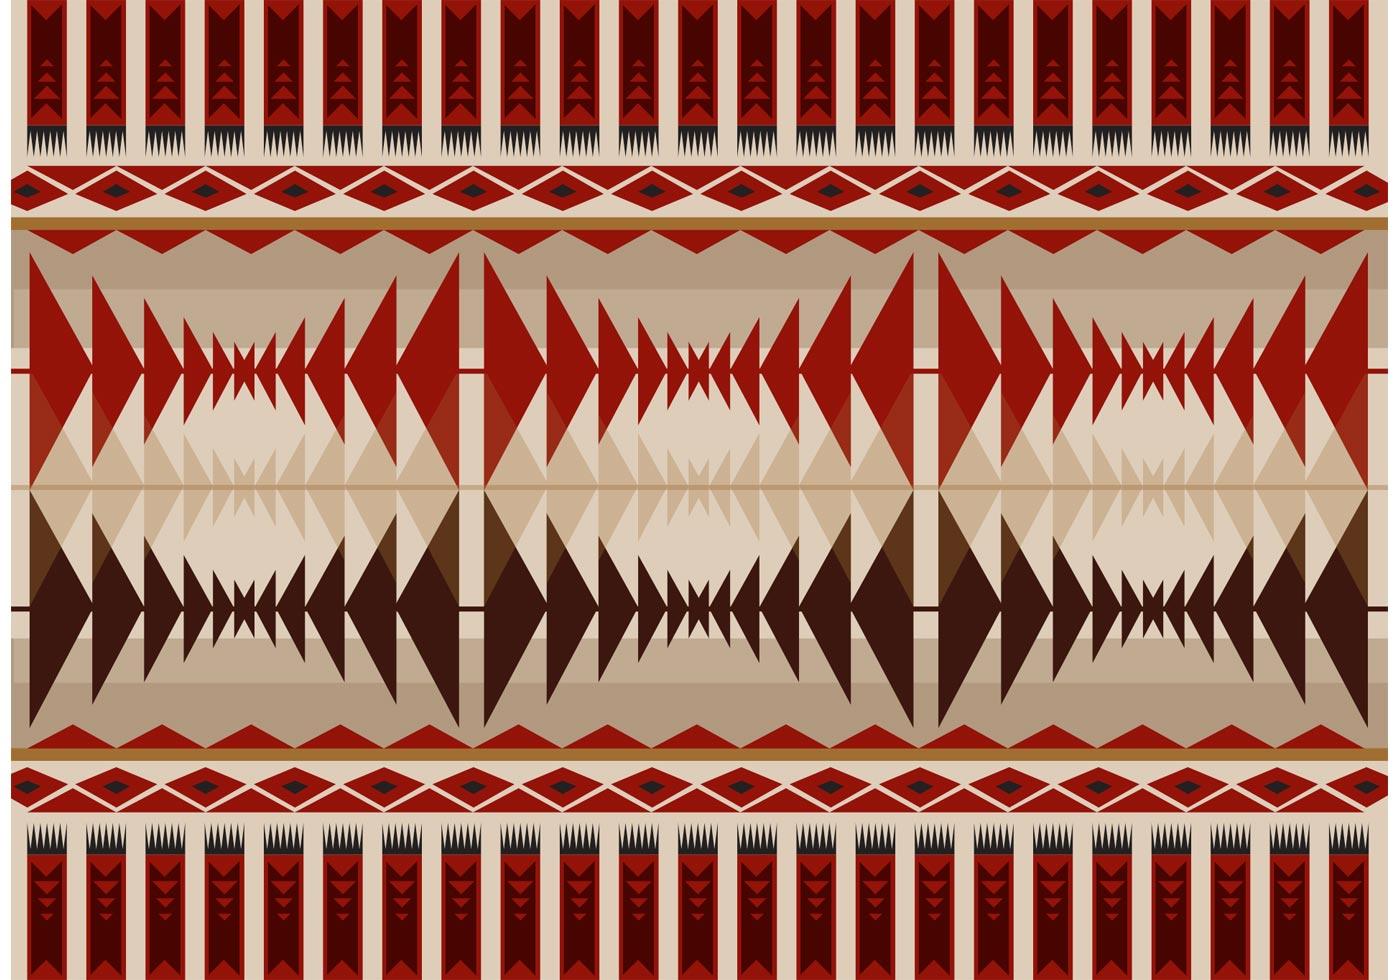 native american pattern vector 88481 vektor kunst bei vecteezy  vecteezy